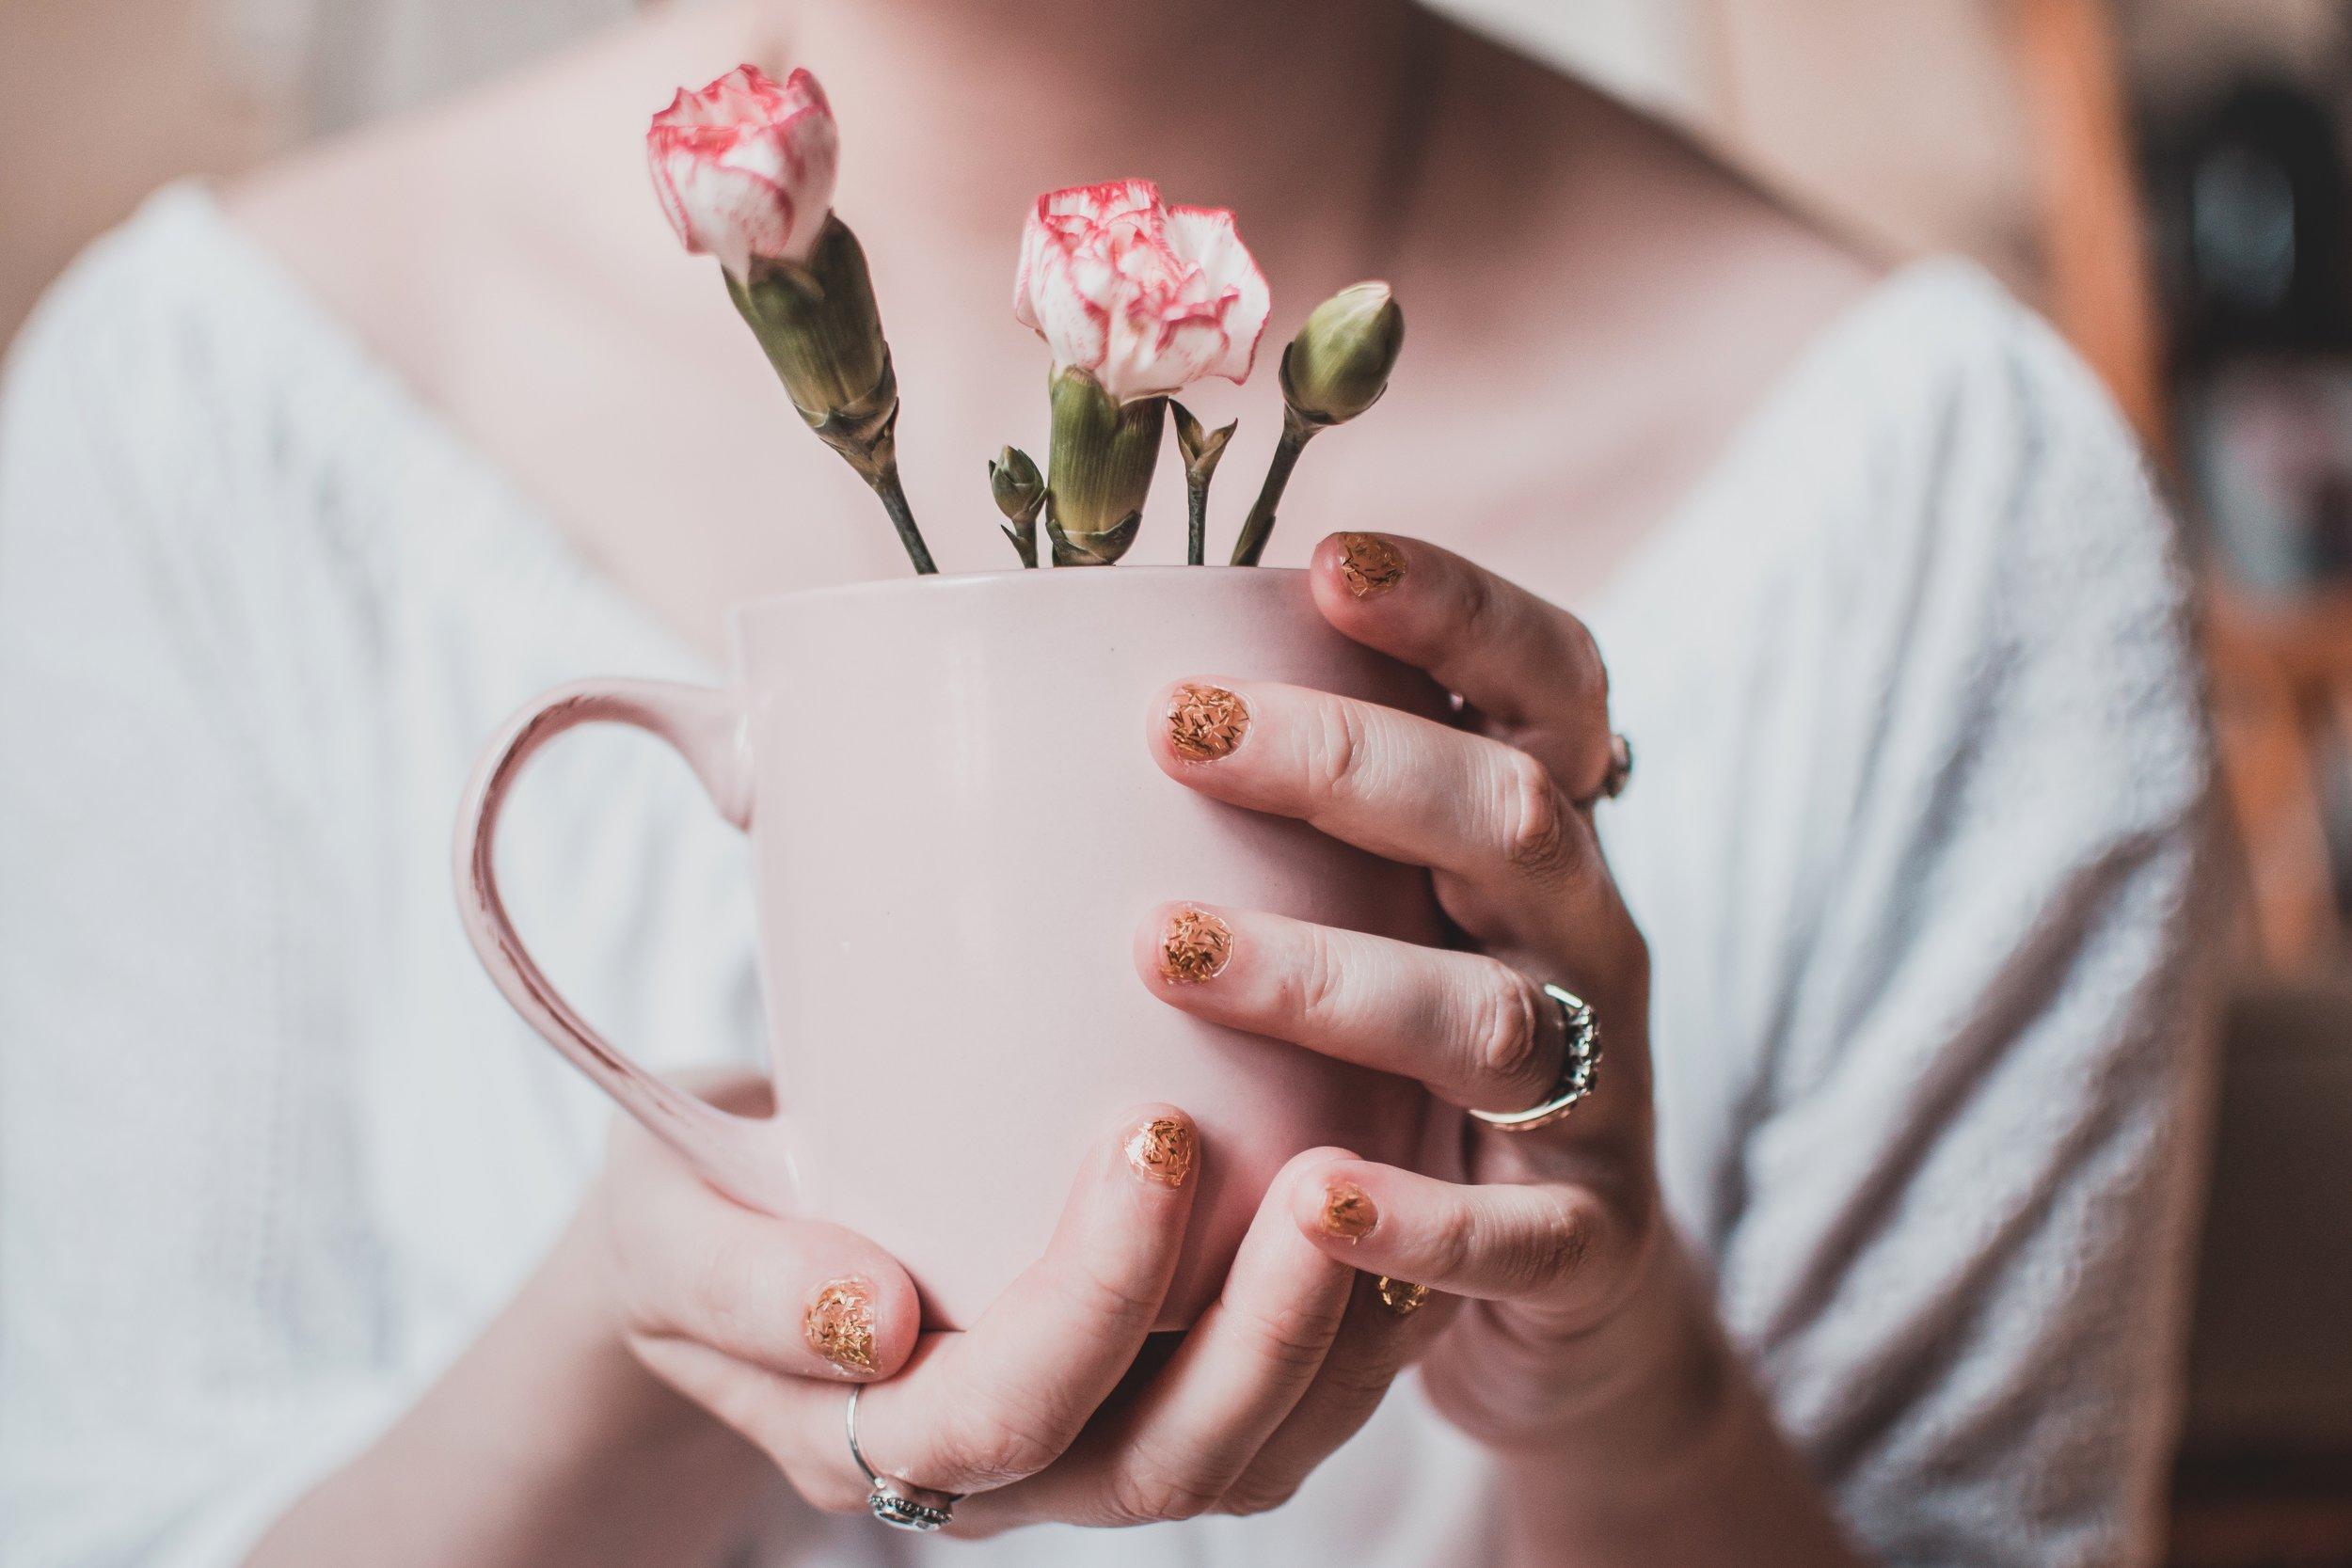 Conocerte es dejarte florecer - & habrá quien prefiera las rosas a los claveles.